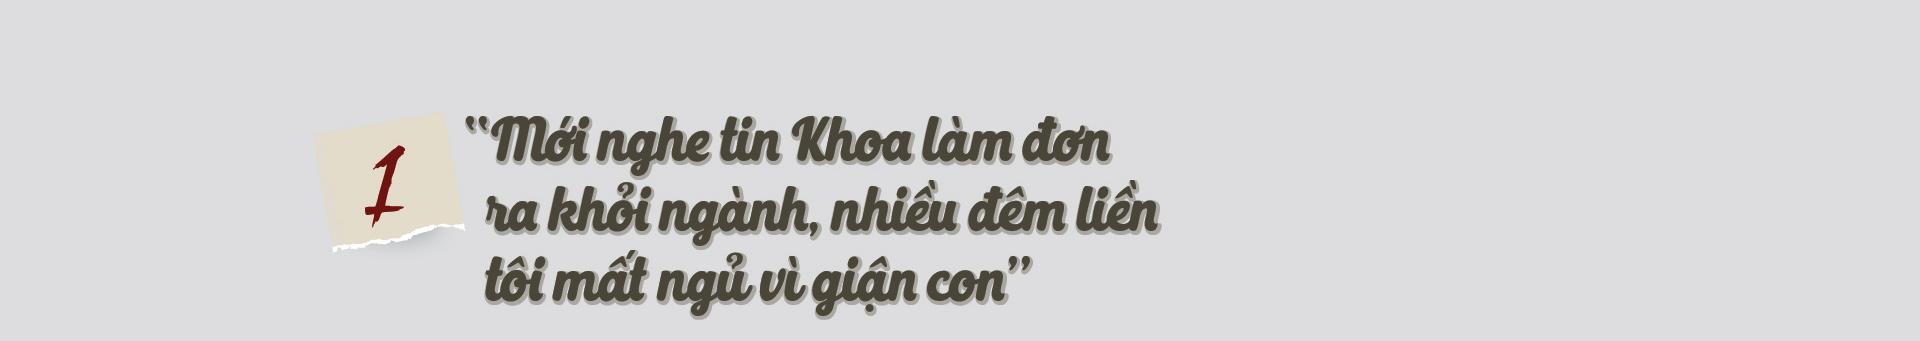 """Bố mẹ cựu thiếu tá công an Trịnh Văn Khoa: """"Gia đình tôi tiếc và lo lắm, nhưng rất tự hào về Khoa"""" - Ảnh 1."""